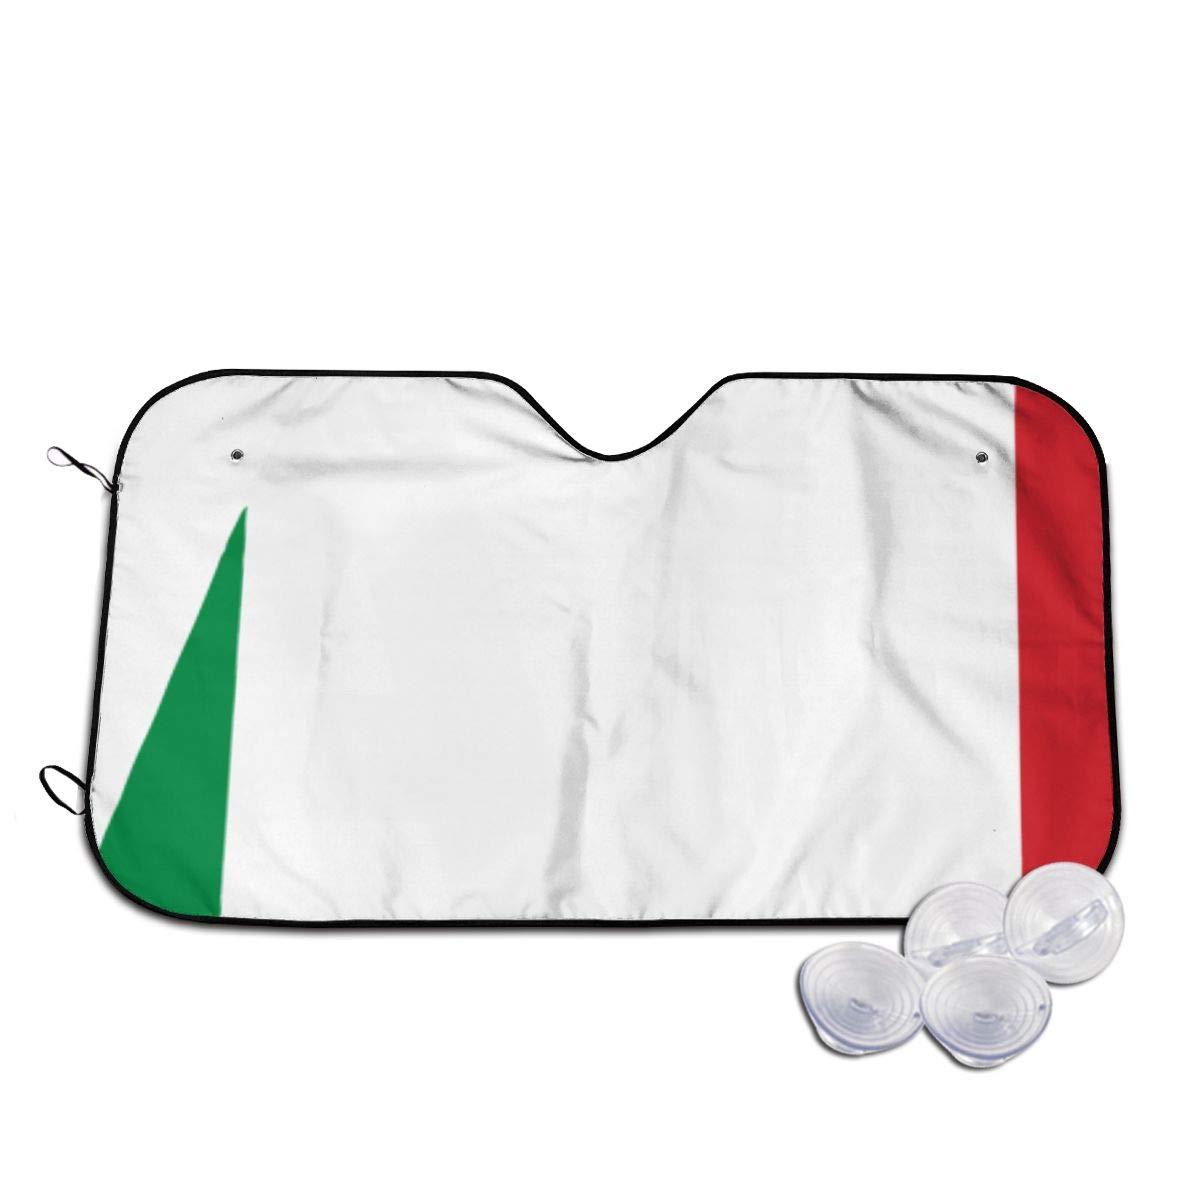 Not applicable Auto Sonnenschutz Windschutzscheibe Italien Italienische Flagge Sonnenschutz F/ür Auto Faltbare Uv Ray Reflektor Frontscheibe Schild Abdeckung,H/ält Fahrzeug K/ühl,70x130Cm